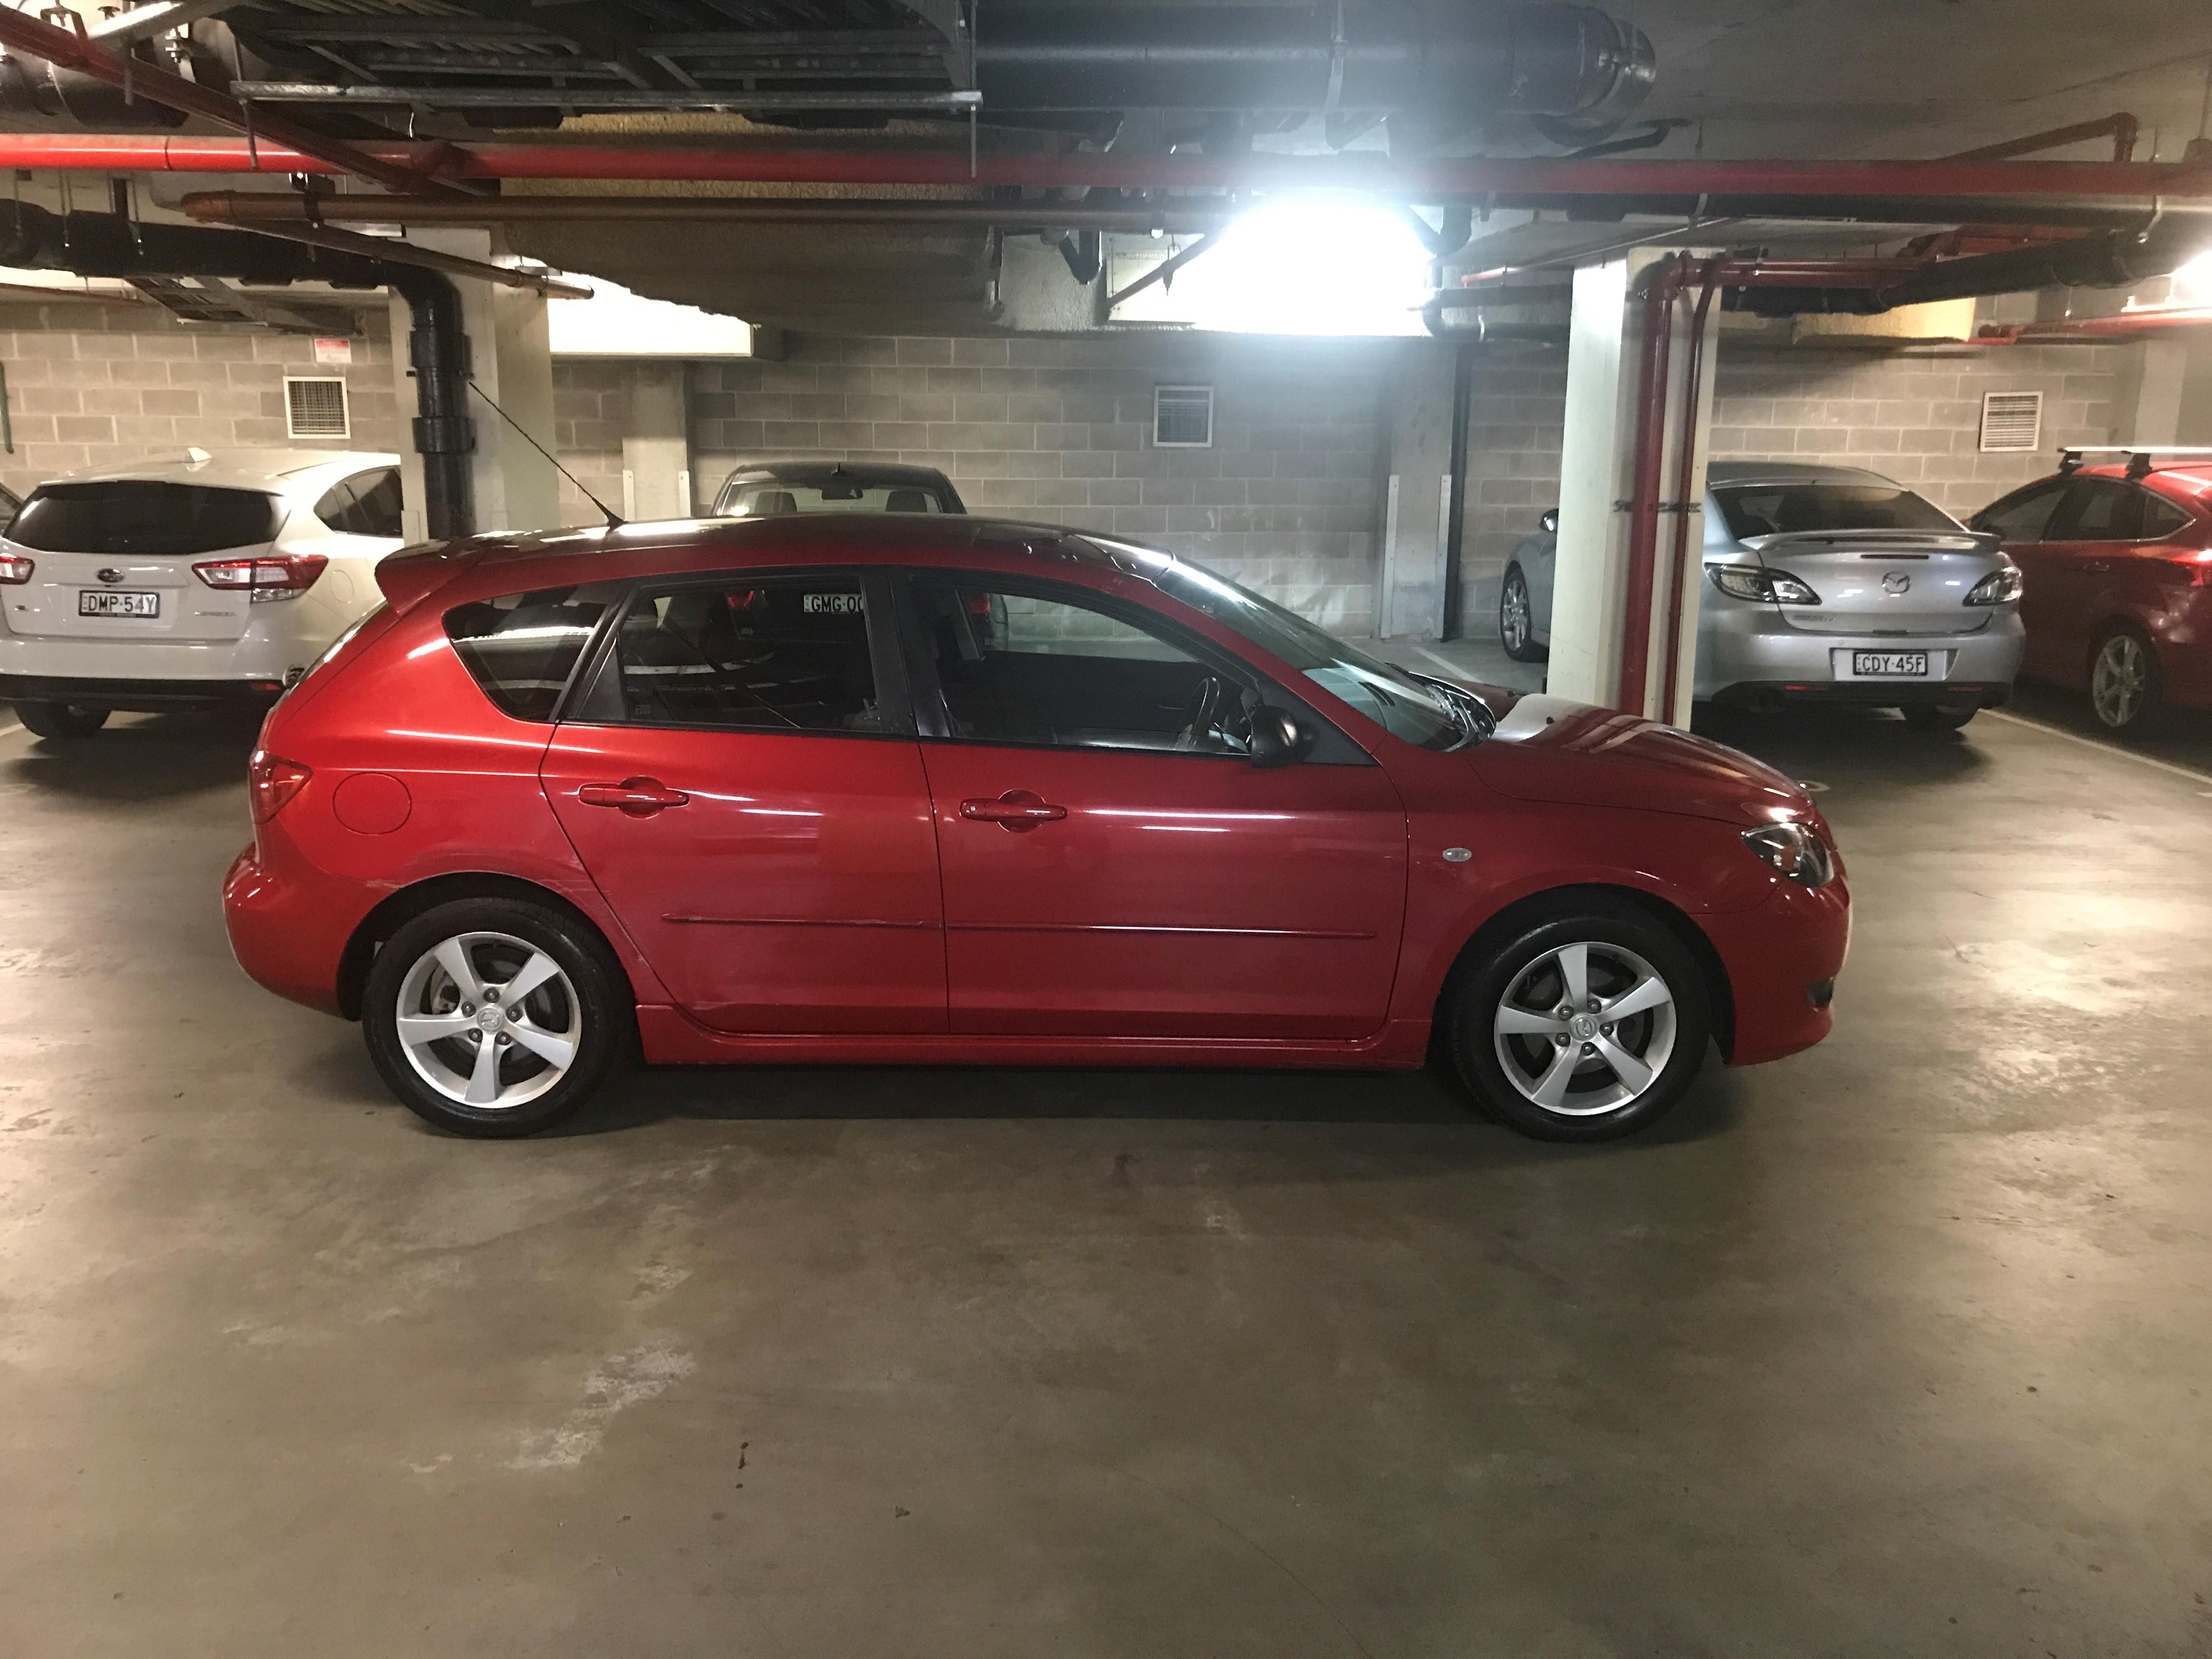 Picture of David's 2004 Mazda 3